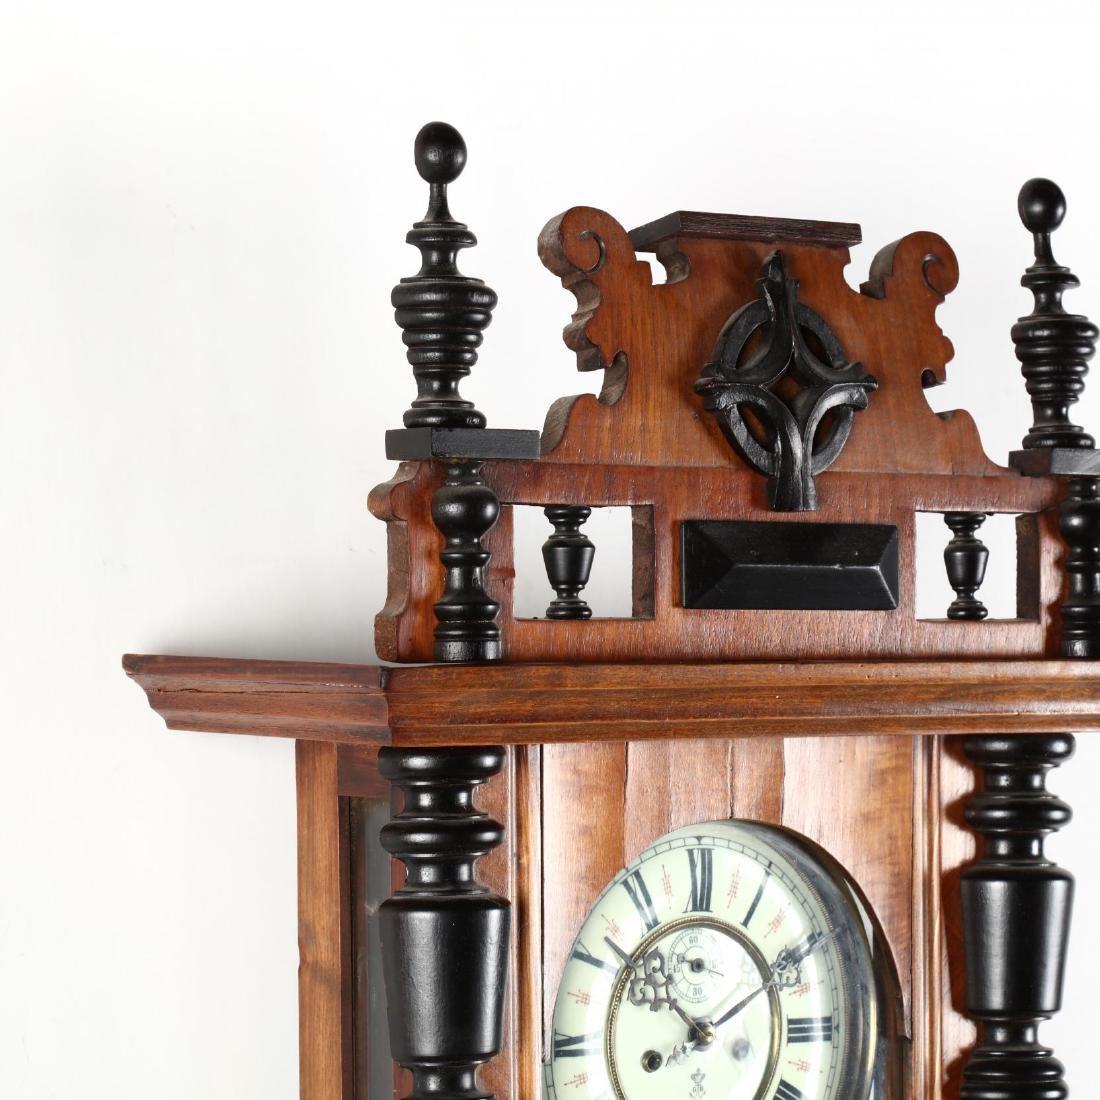 Gustav Becker, Regulator Wall Clock - 3